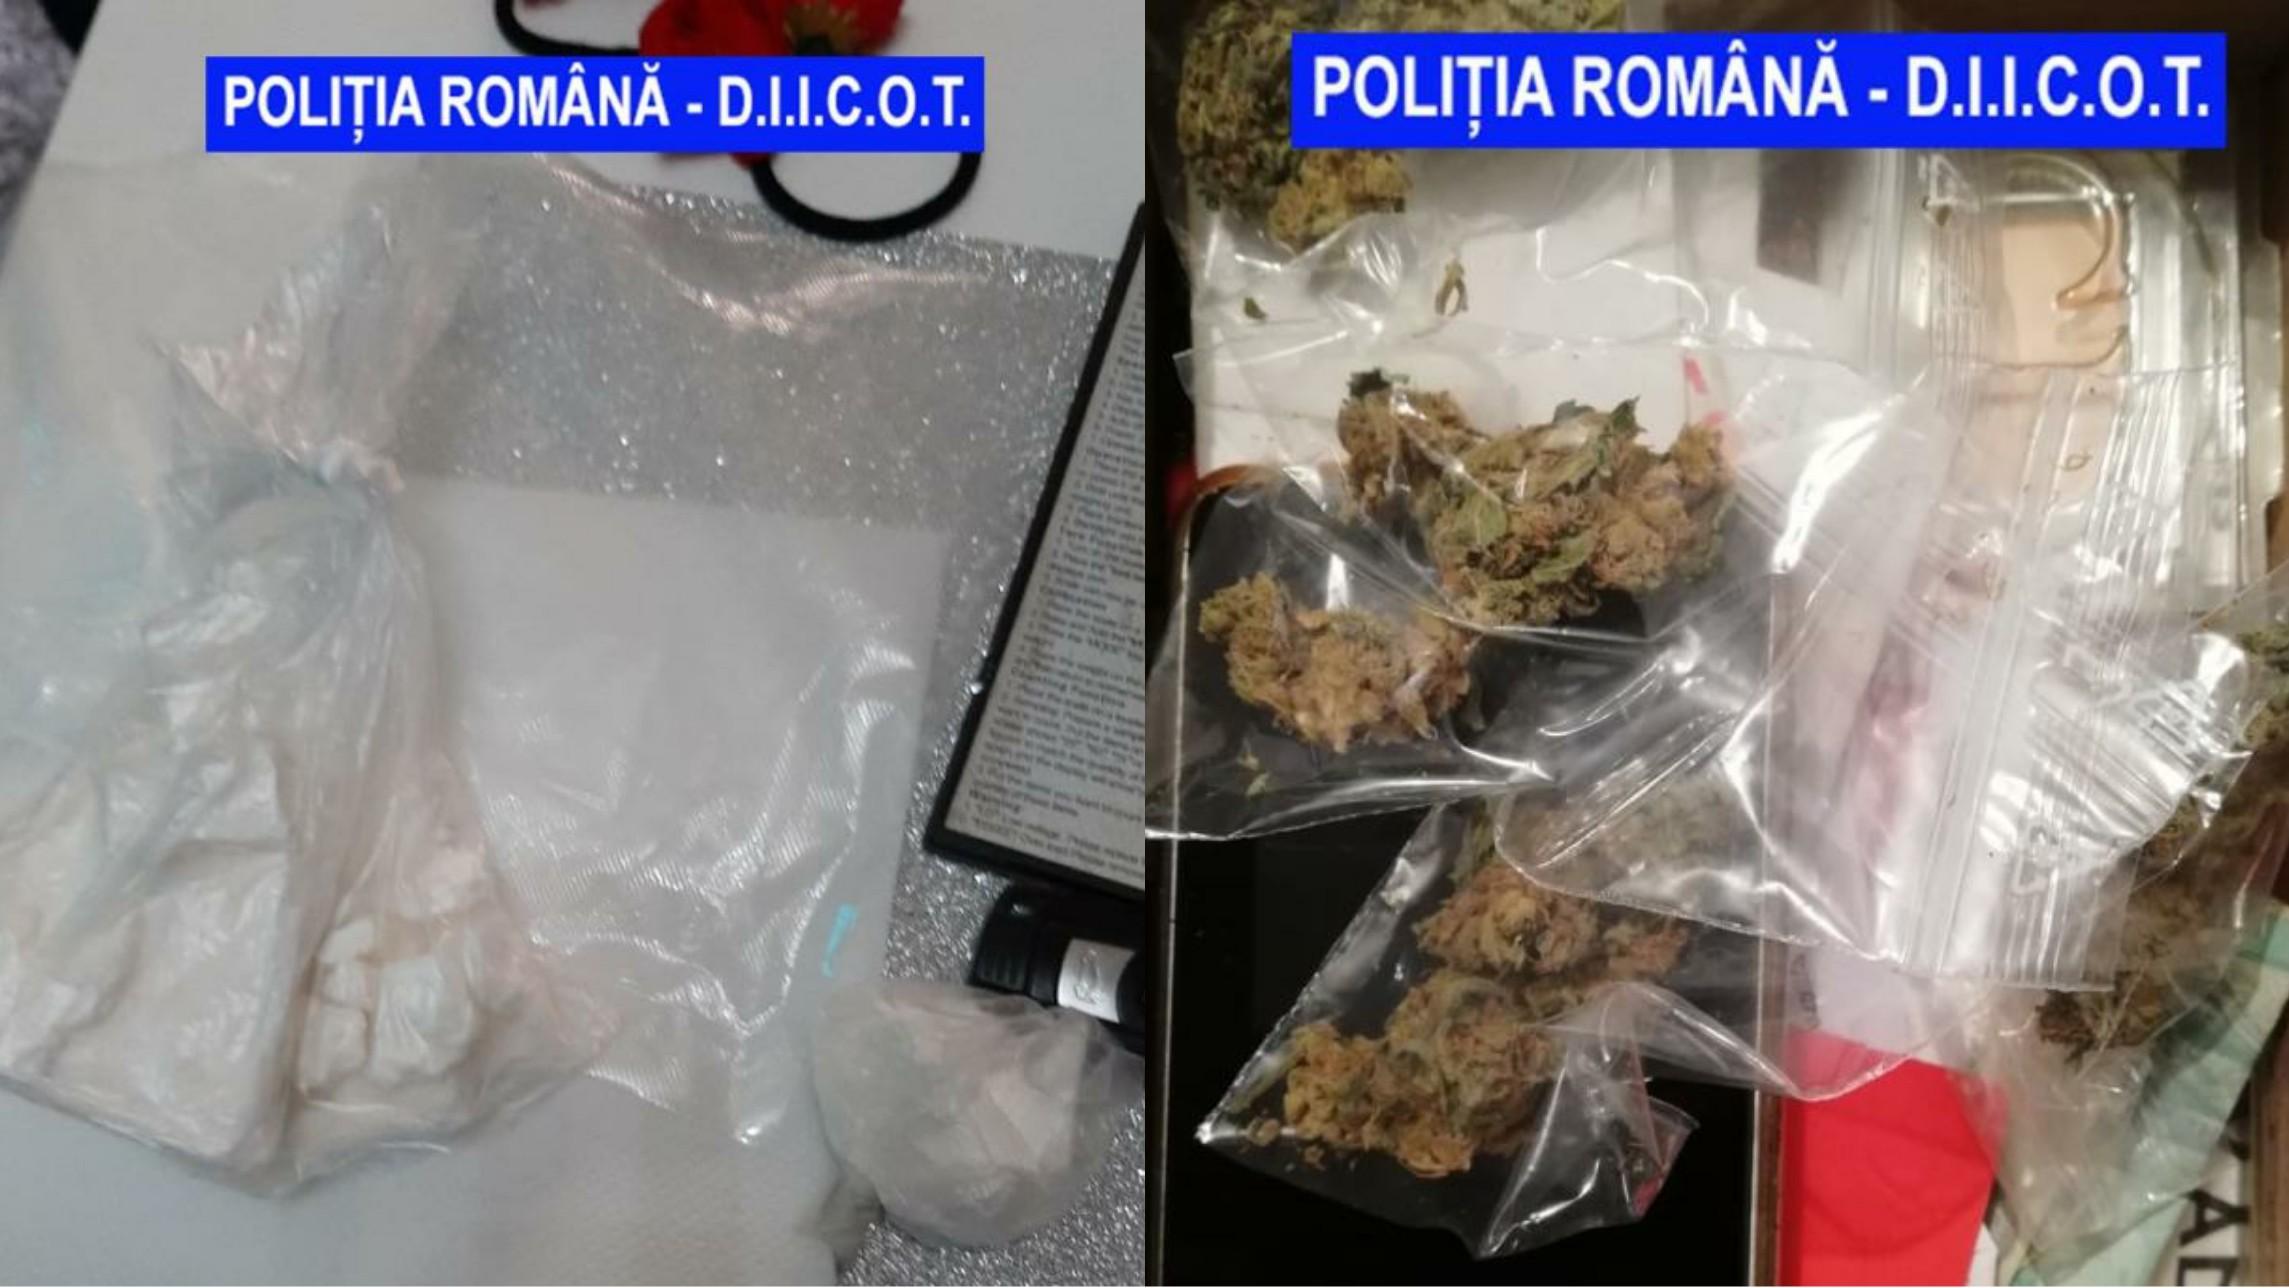 Traficanți de droguri prinși în flagrant la Drobeta-Turnu Severin, aceștia aveau asupra lor cocaină și canabis